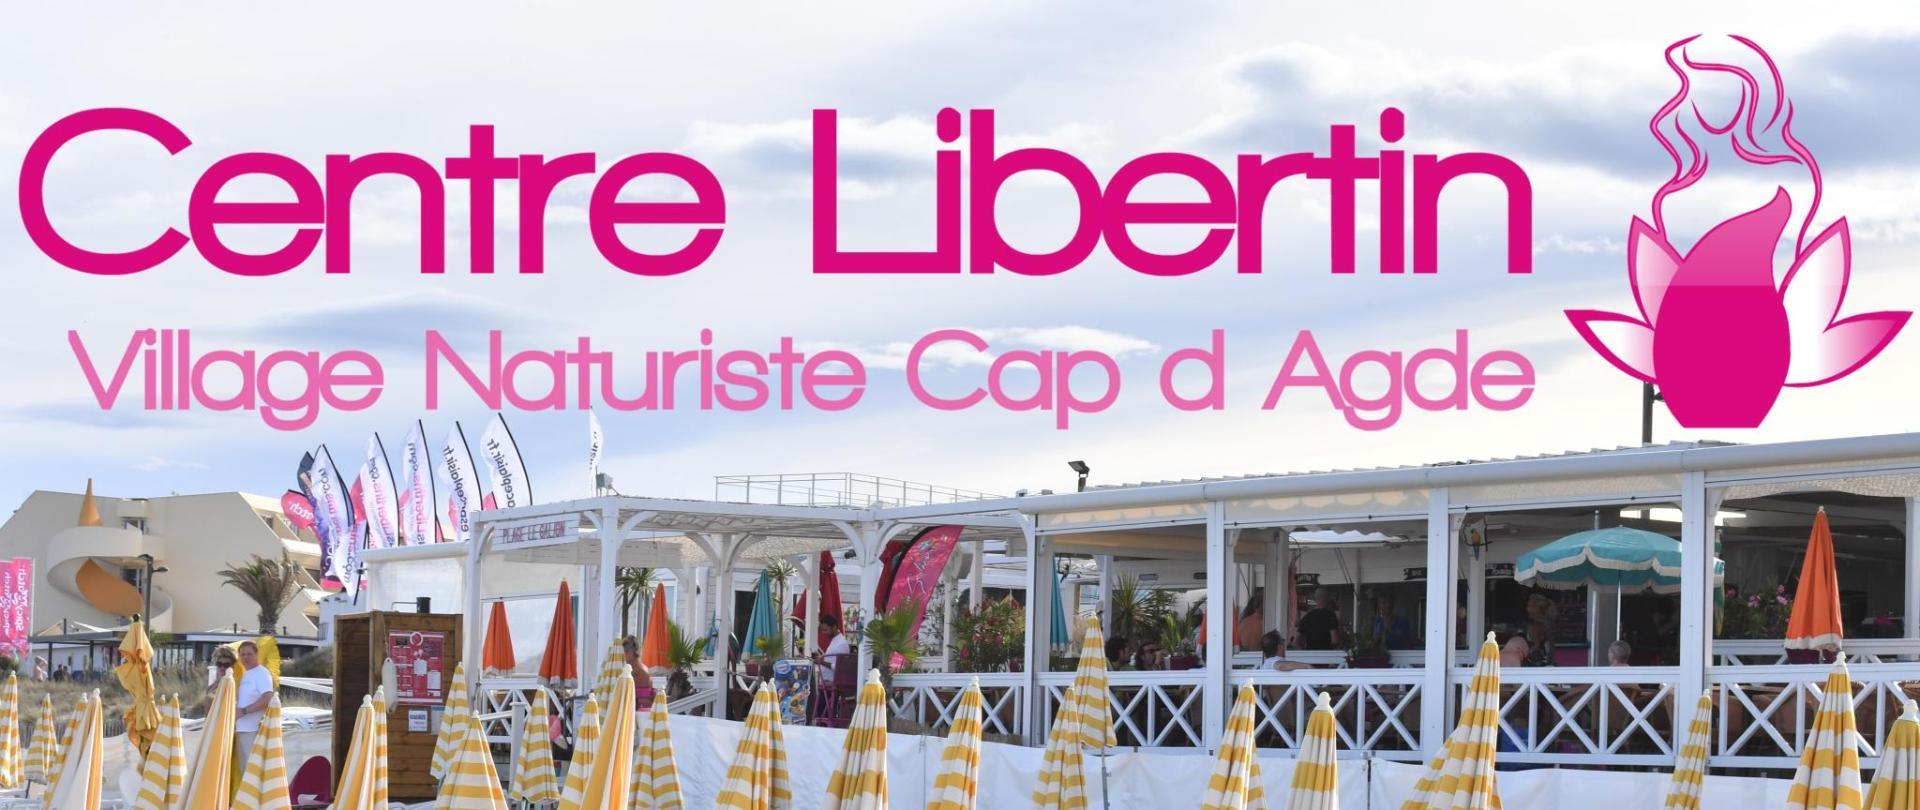 Centre Libertin le Galion.JPG